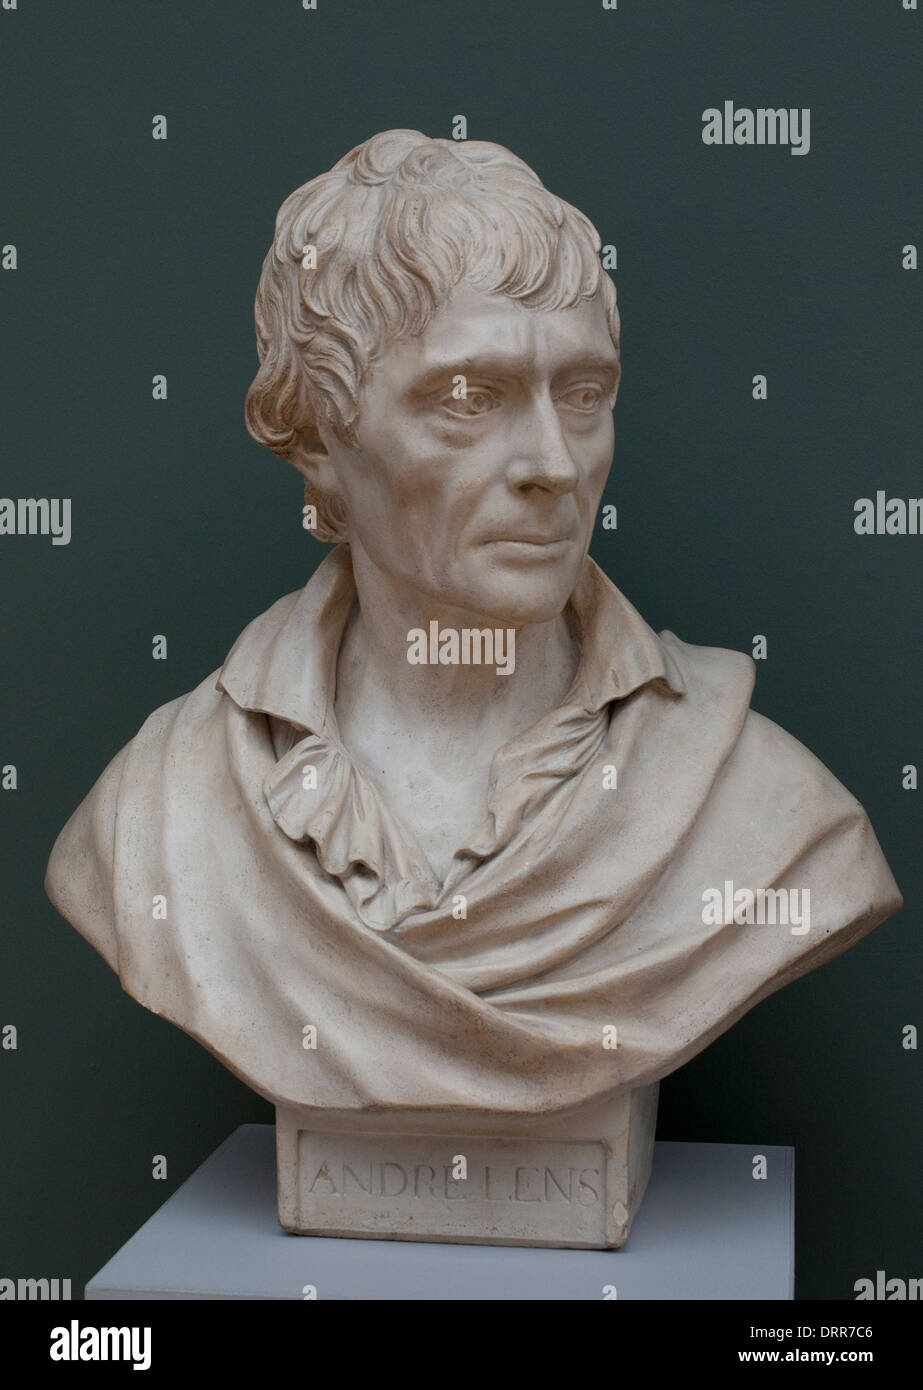 Andrea Lens Maler 1813 Gilles Lambert Godecharle 1759-1835 Belgien Belgien Stockbild